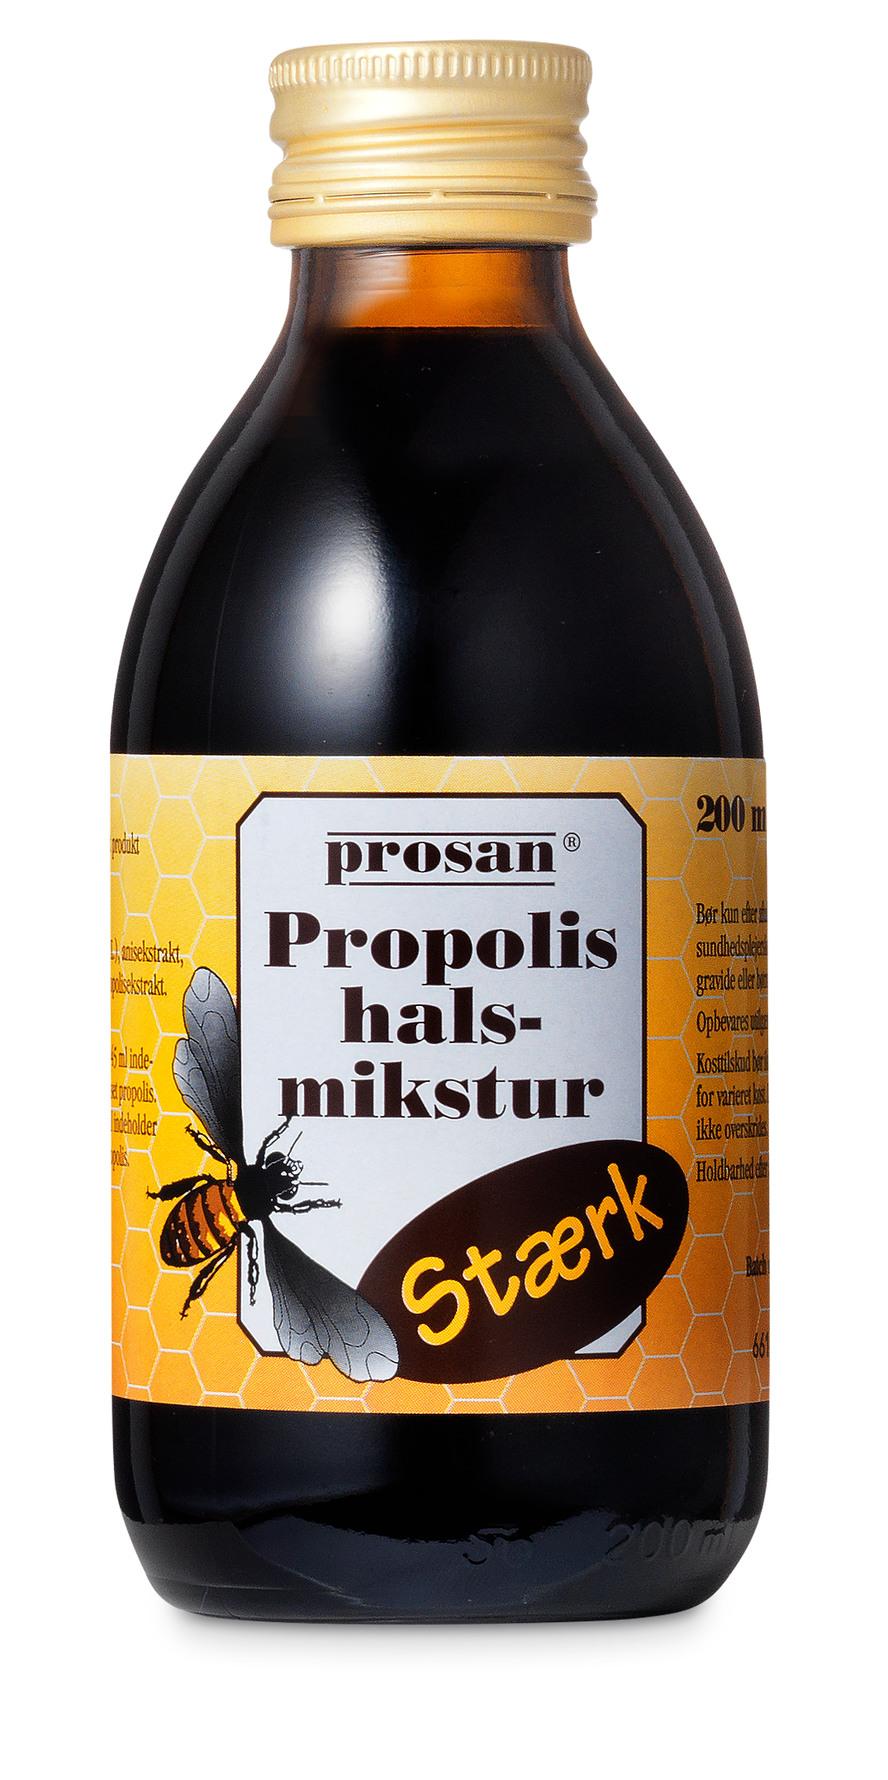 hvad er propolis godt for